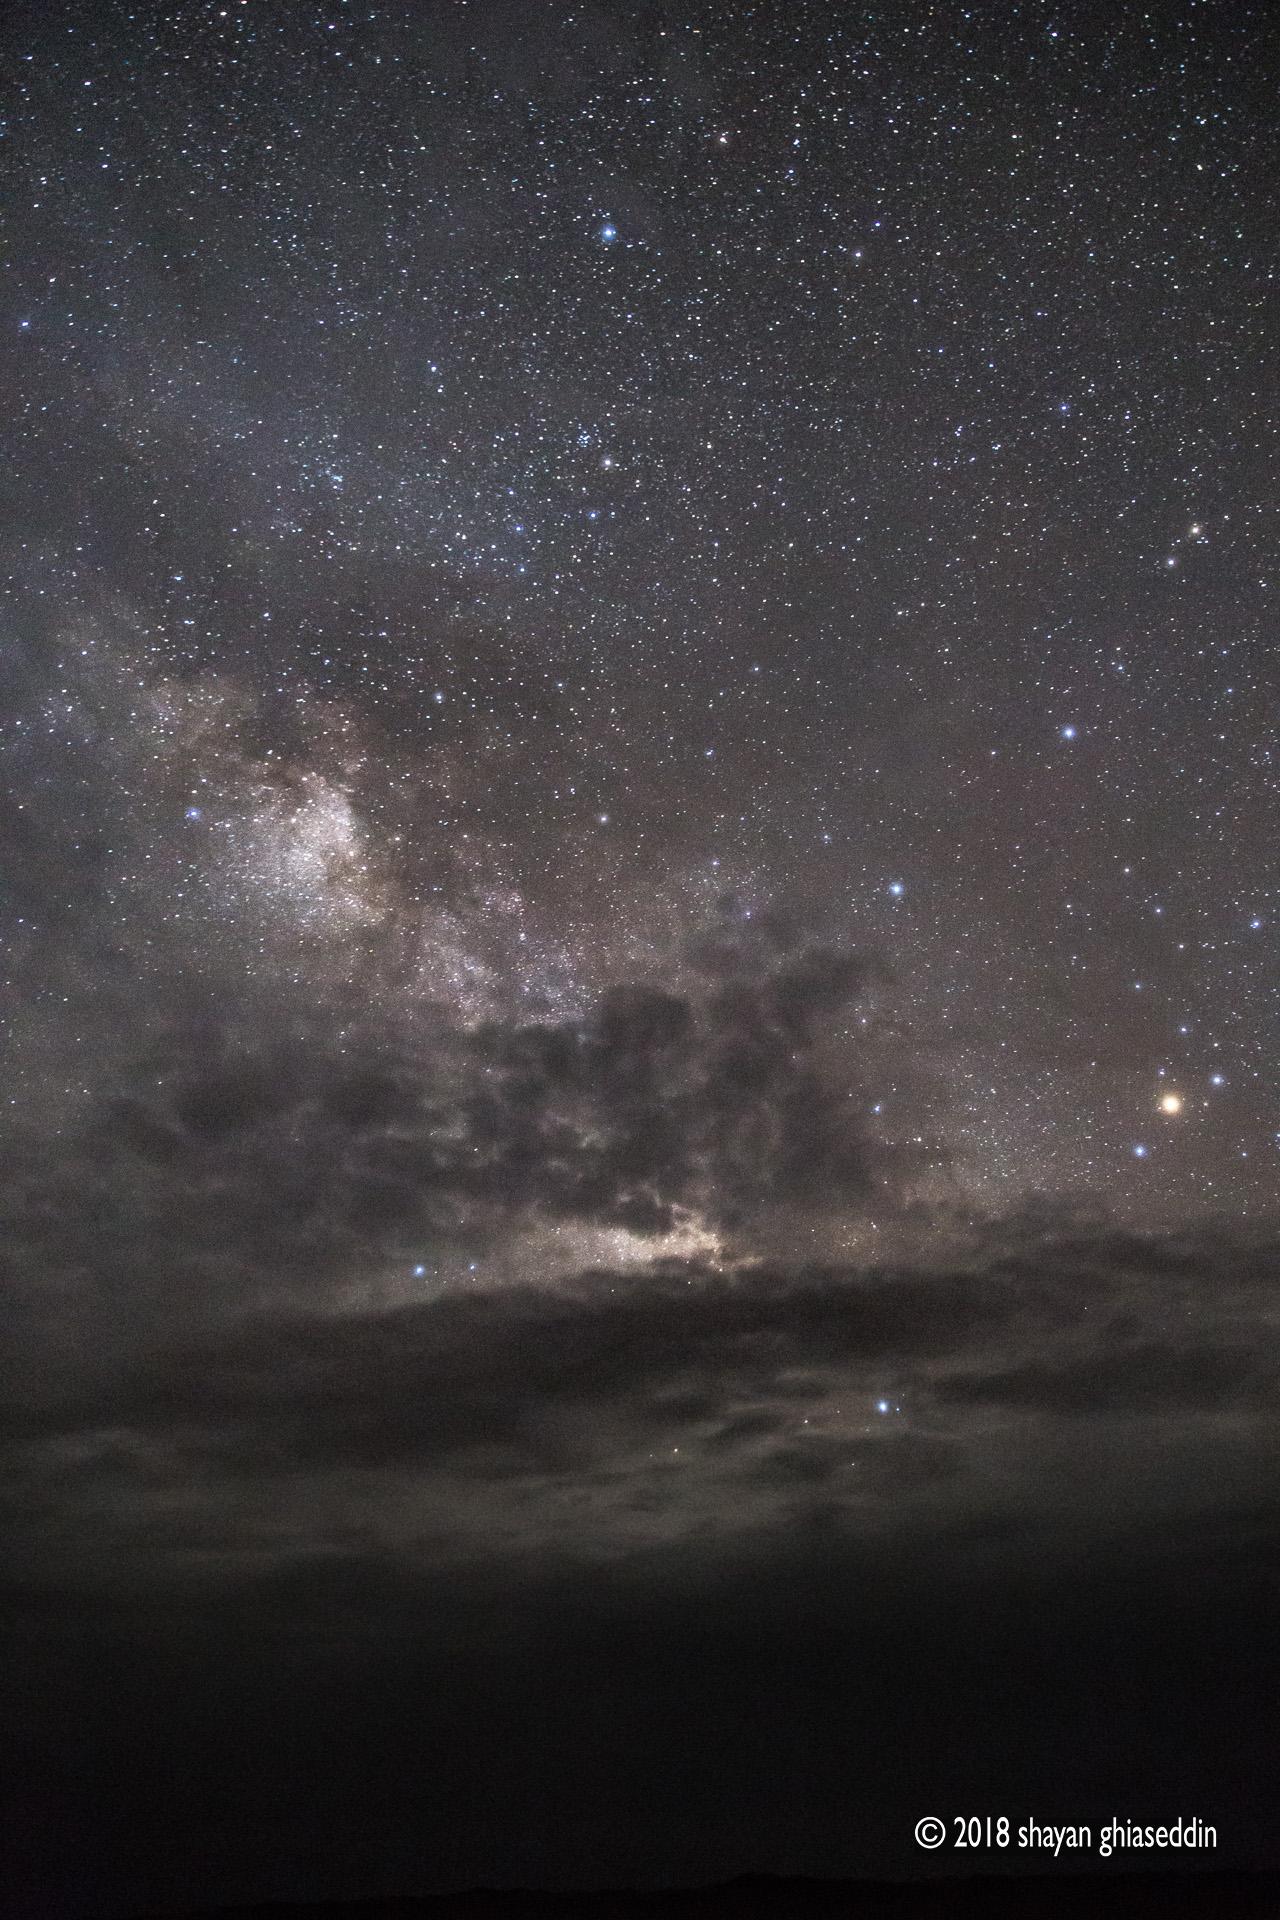 آسمان نیمه ابری توران، استان سمنان - فروردین ۱۳۹۷